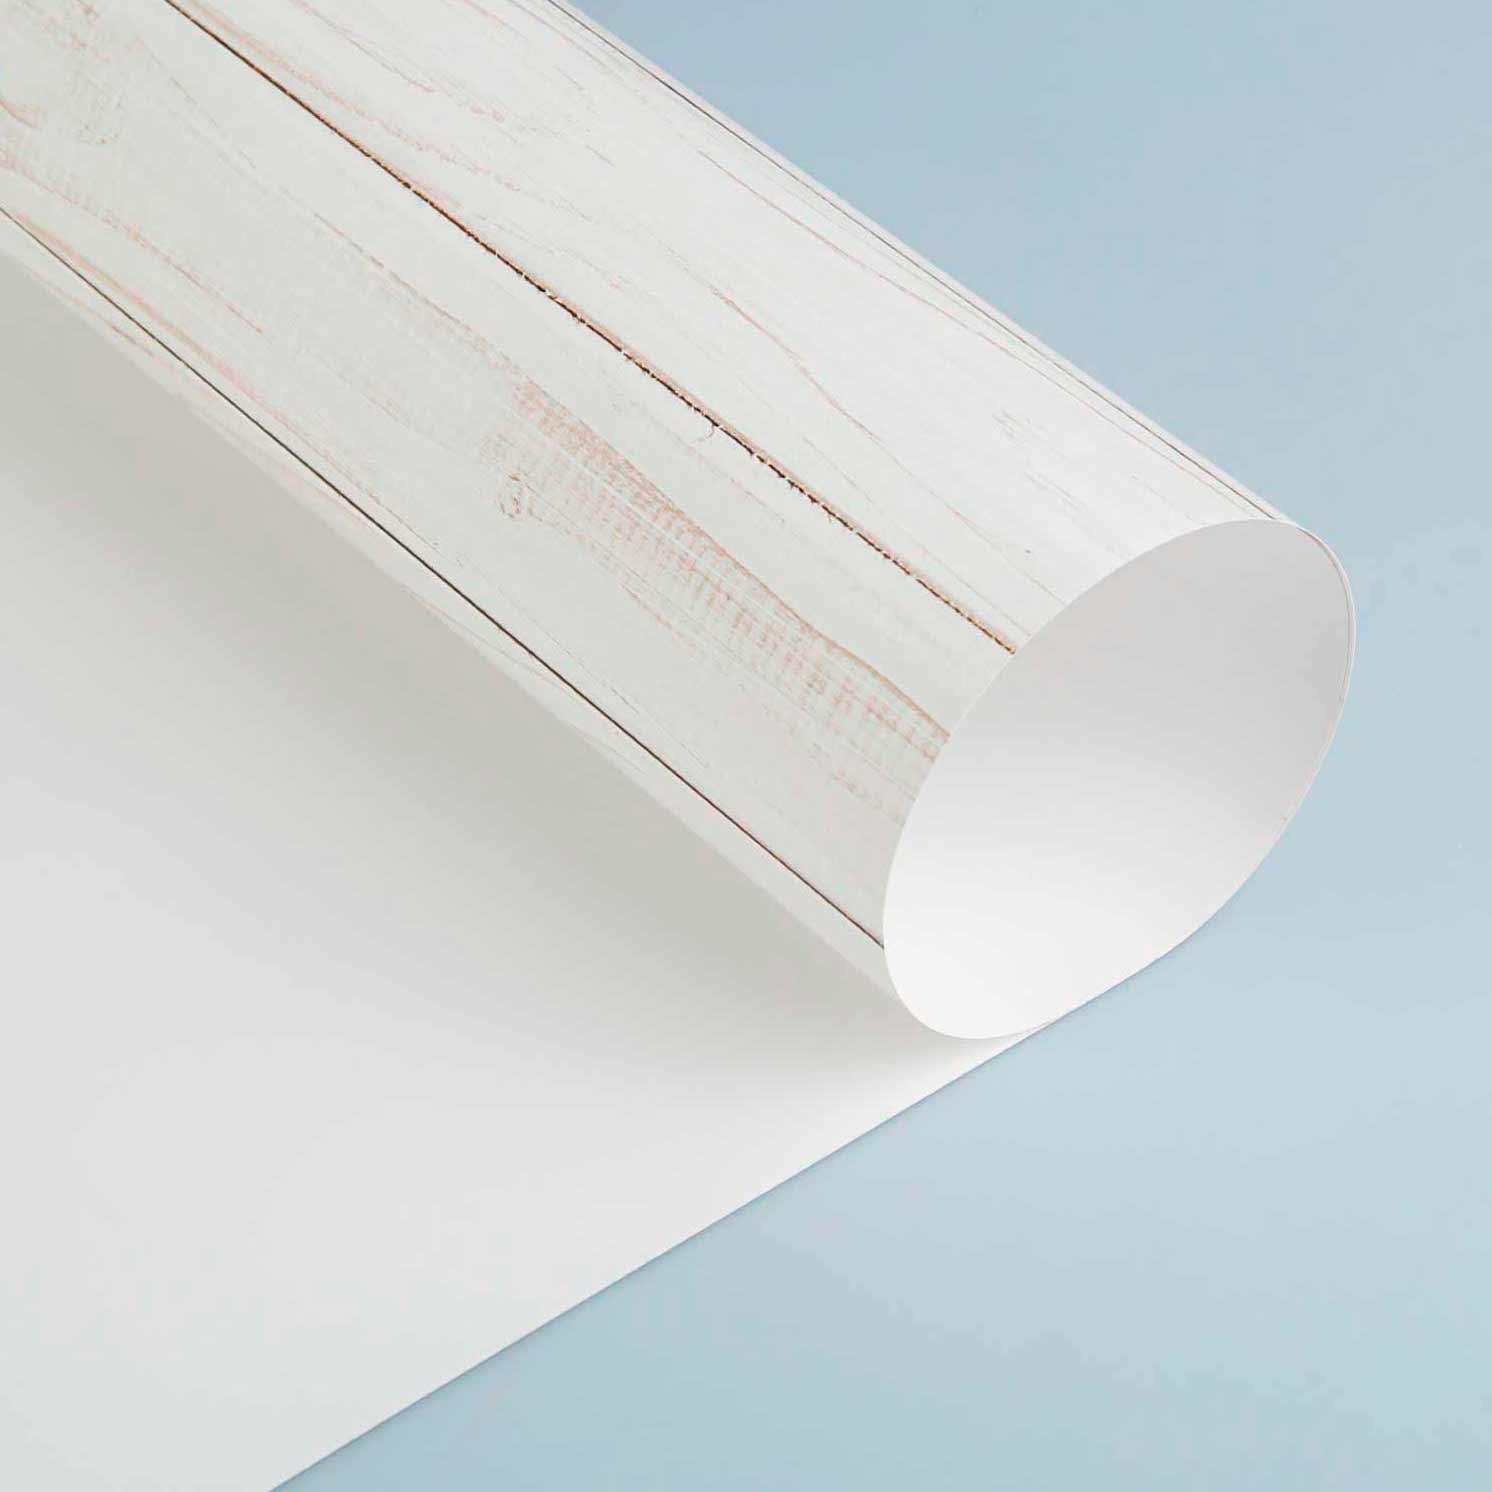 Фотофон «Гладкие доски», 70 х 100 см, бумага, 130 г/м